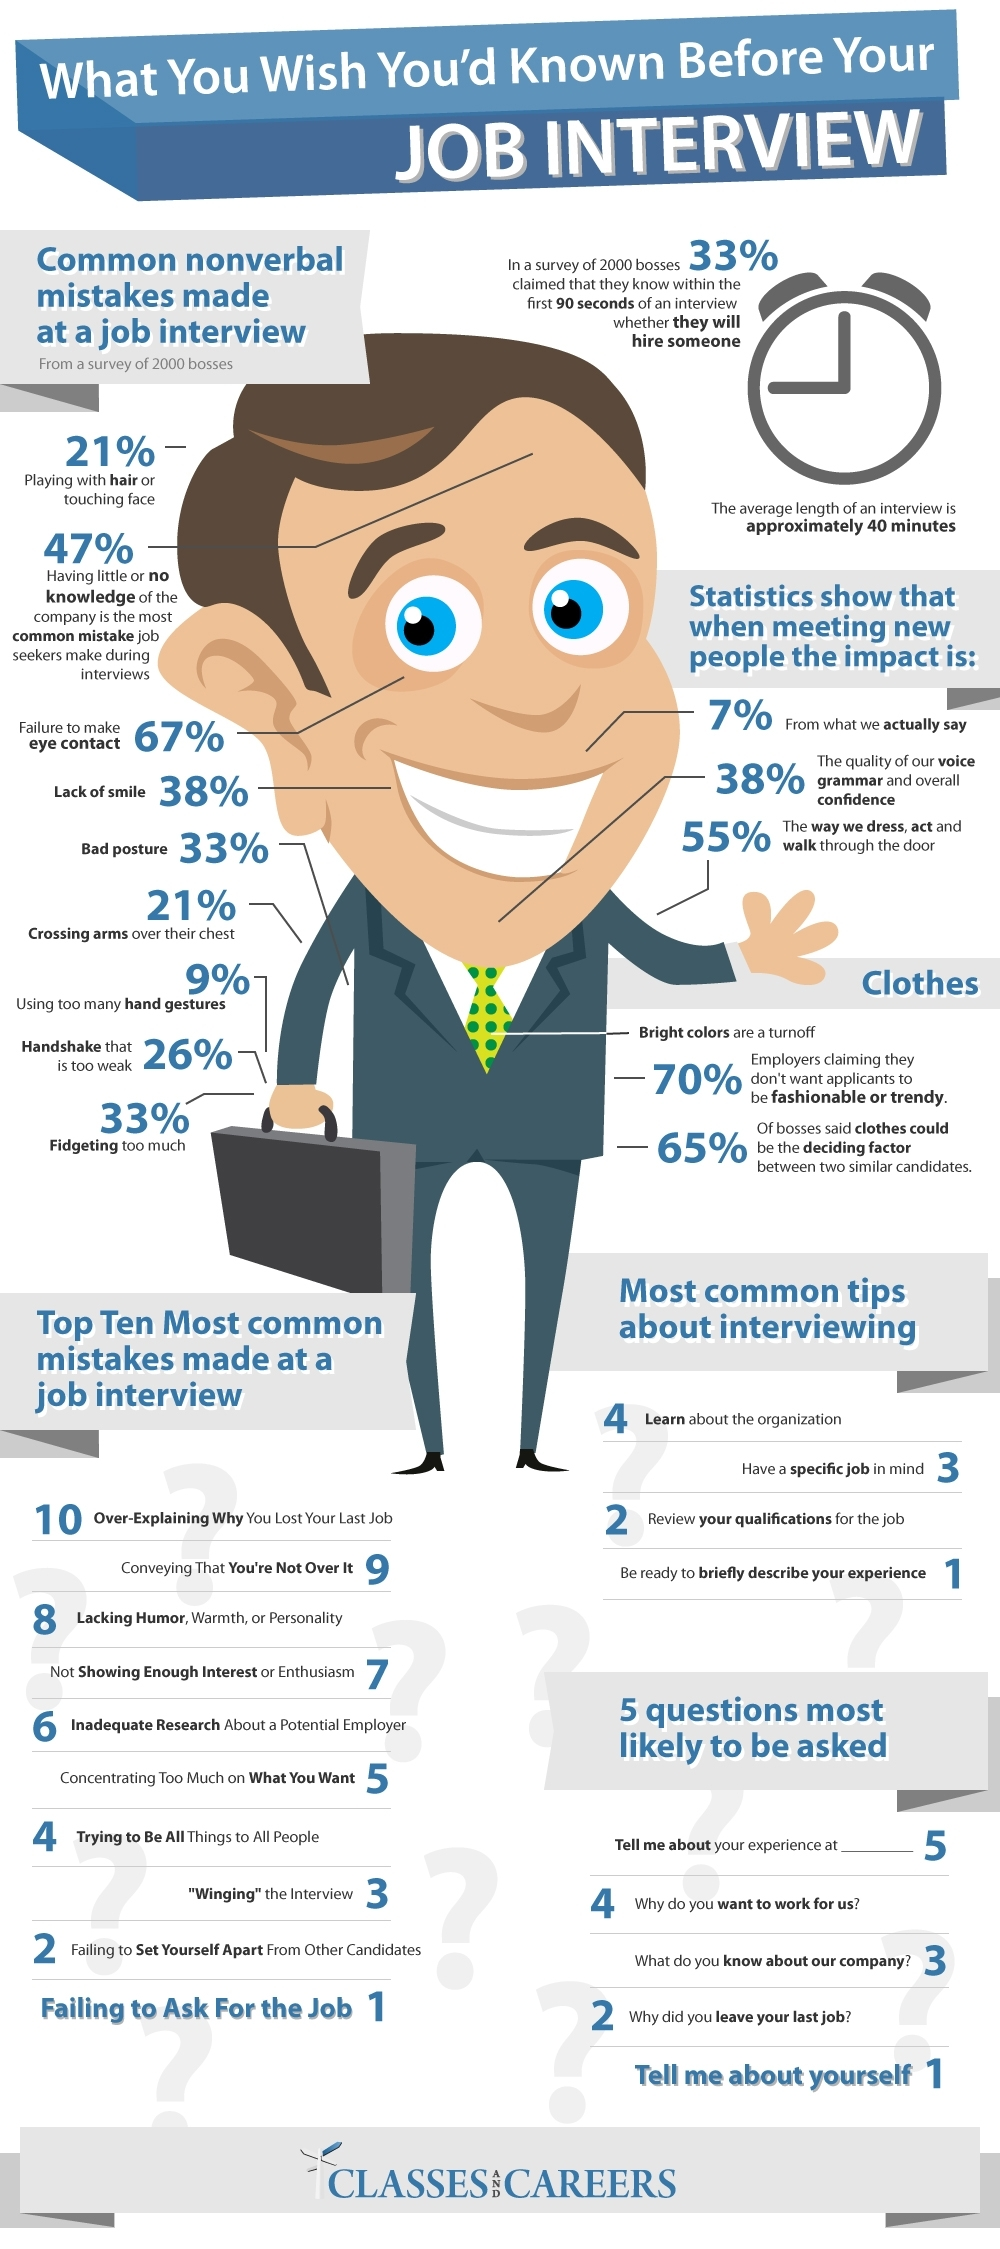 Volgens een onderzoek onder 2000 bazen, weet 33% al binnen 90 seconden of de persoon kans maakt om aangenomen te worden op een baan. Hier volgen de top 10 van meest voorkomende fouten gemaakt op een sollicitatiegesprek.